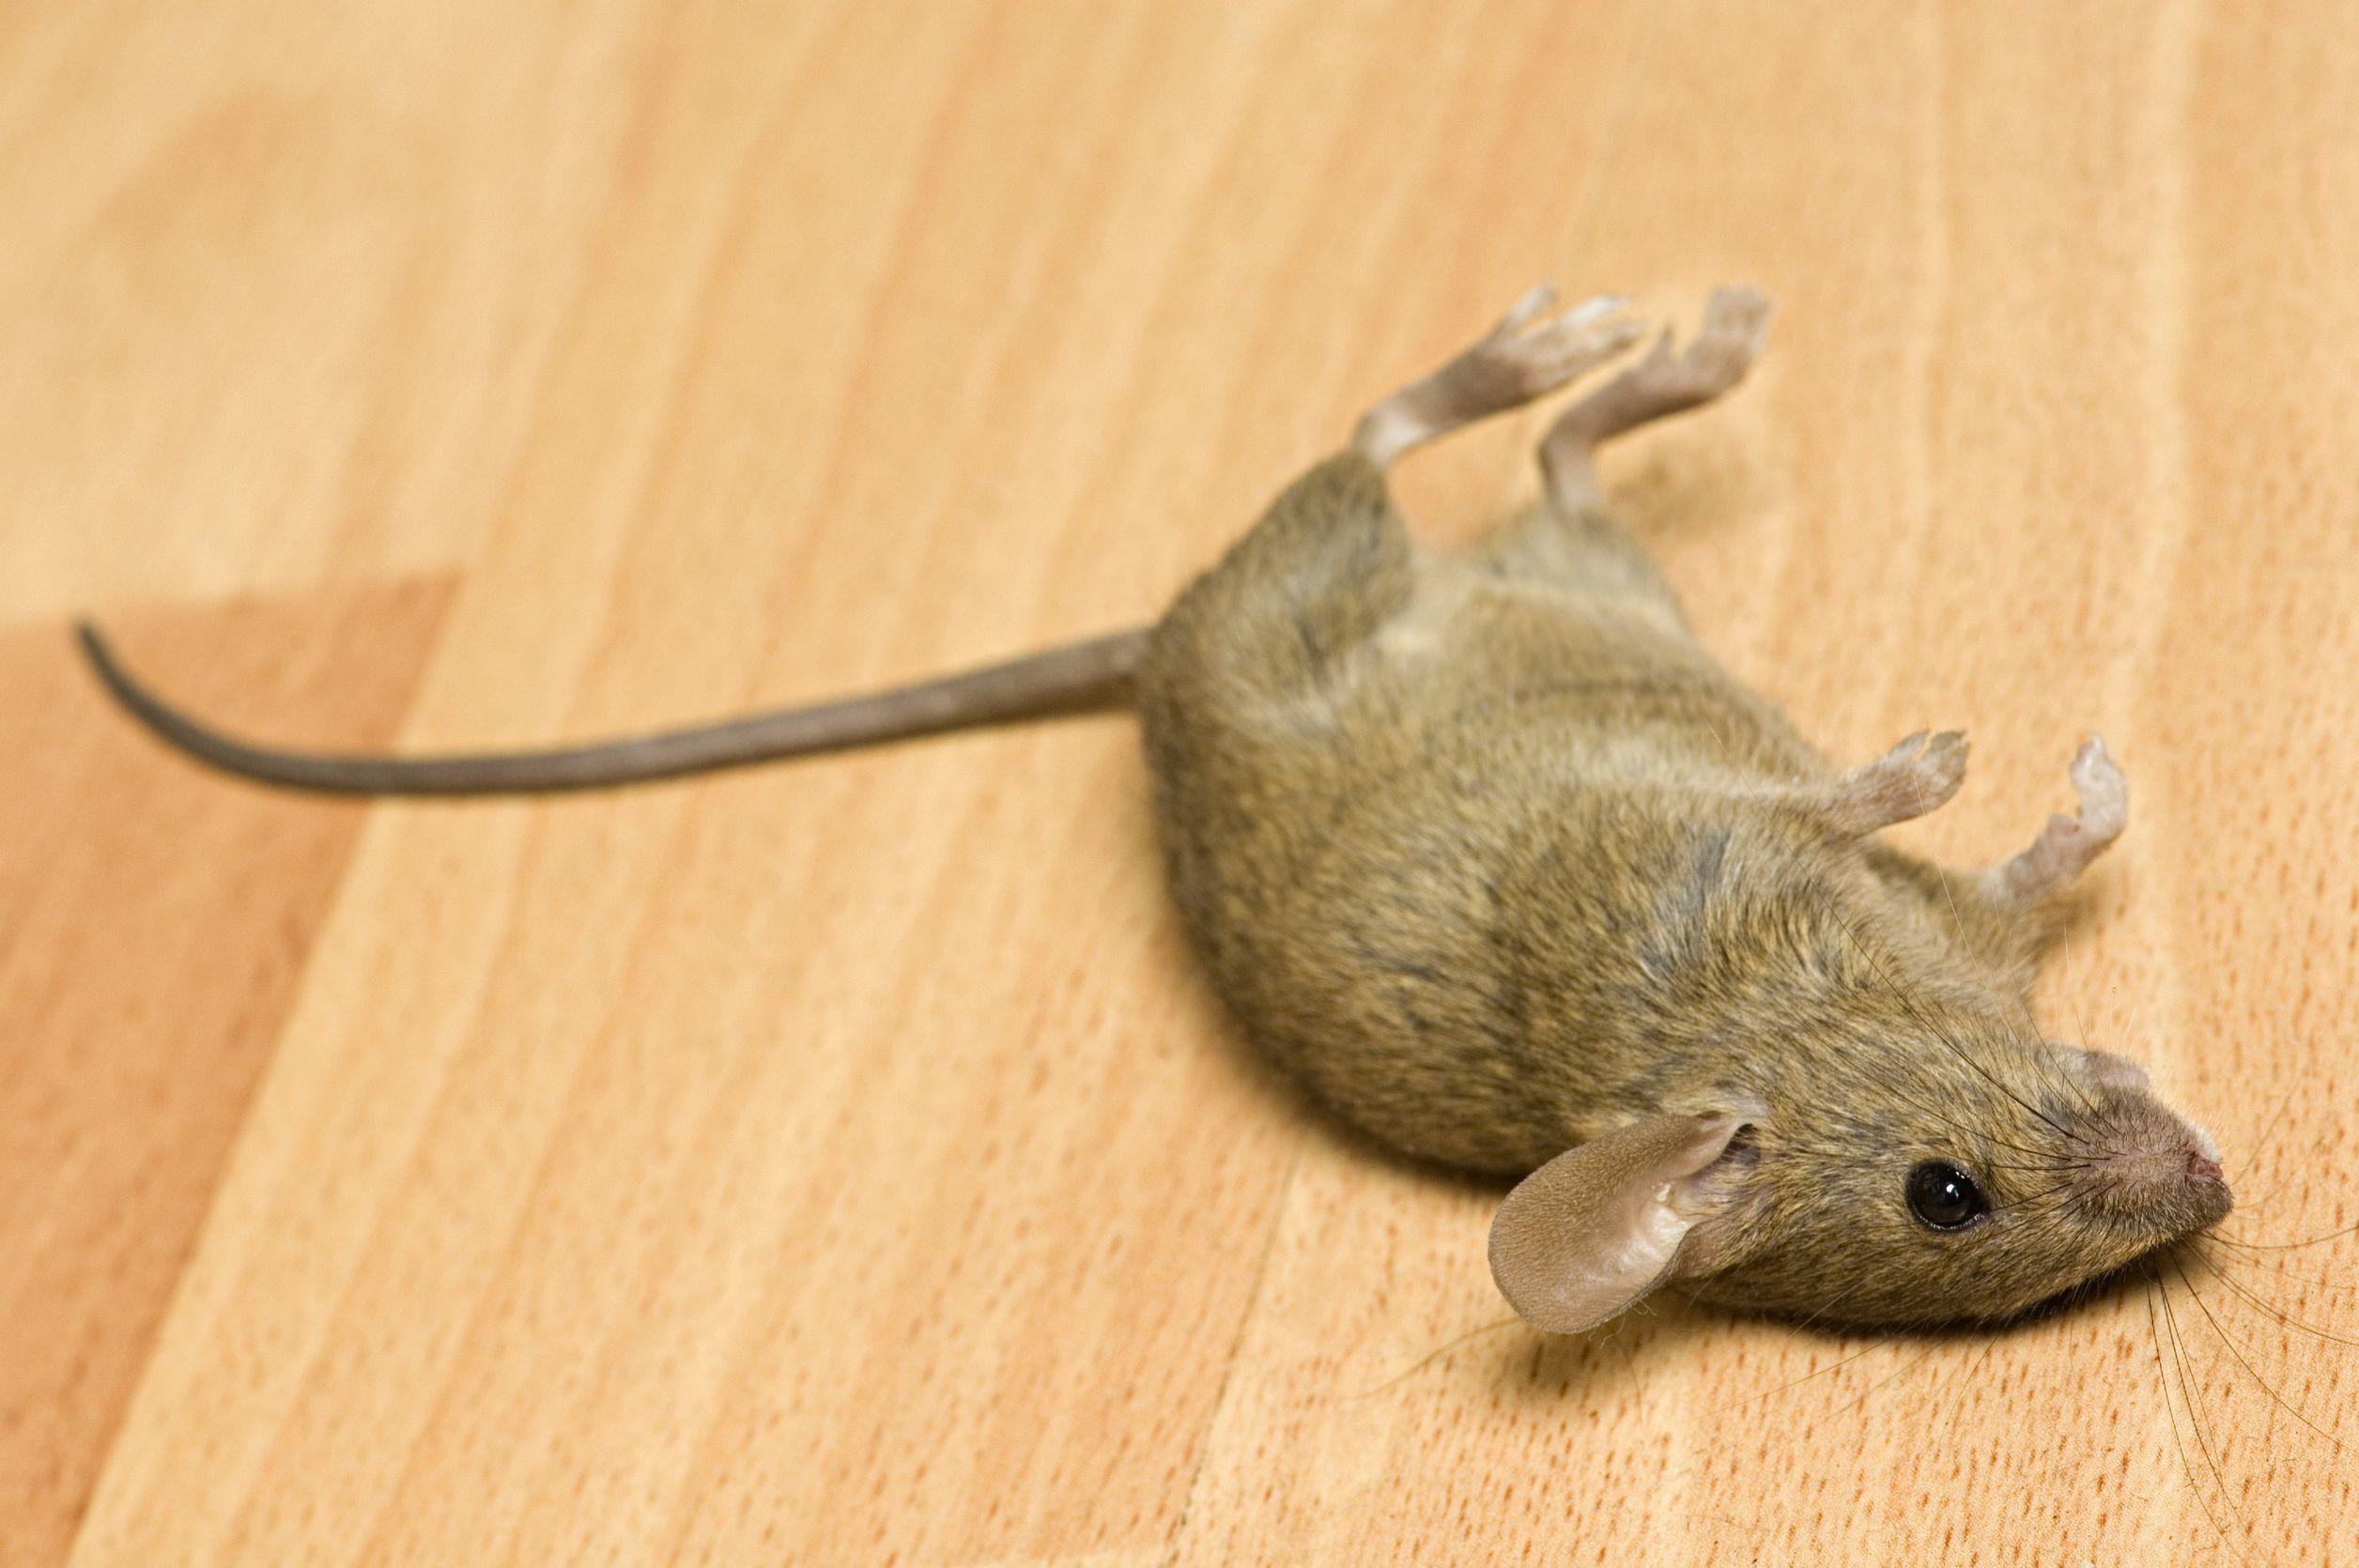 Muizen te bestrijden in huis